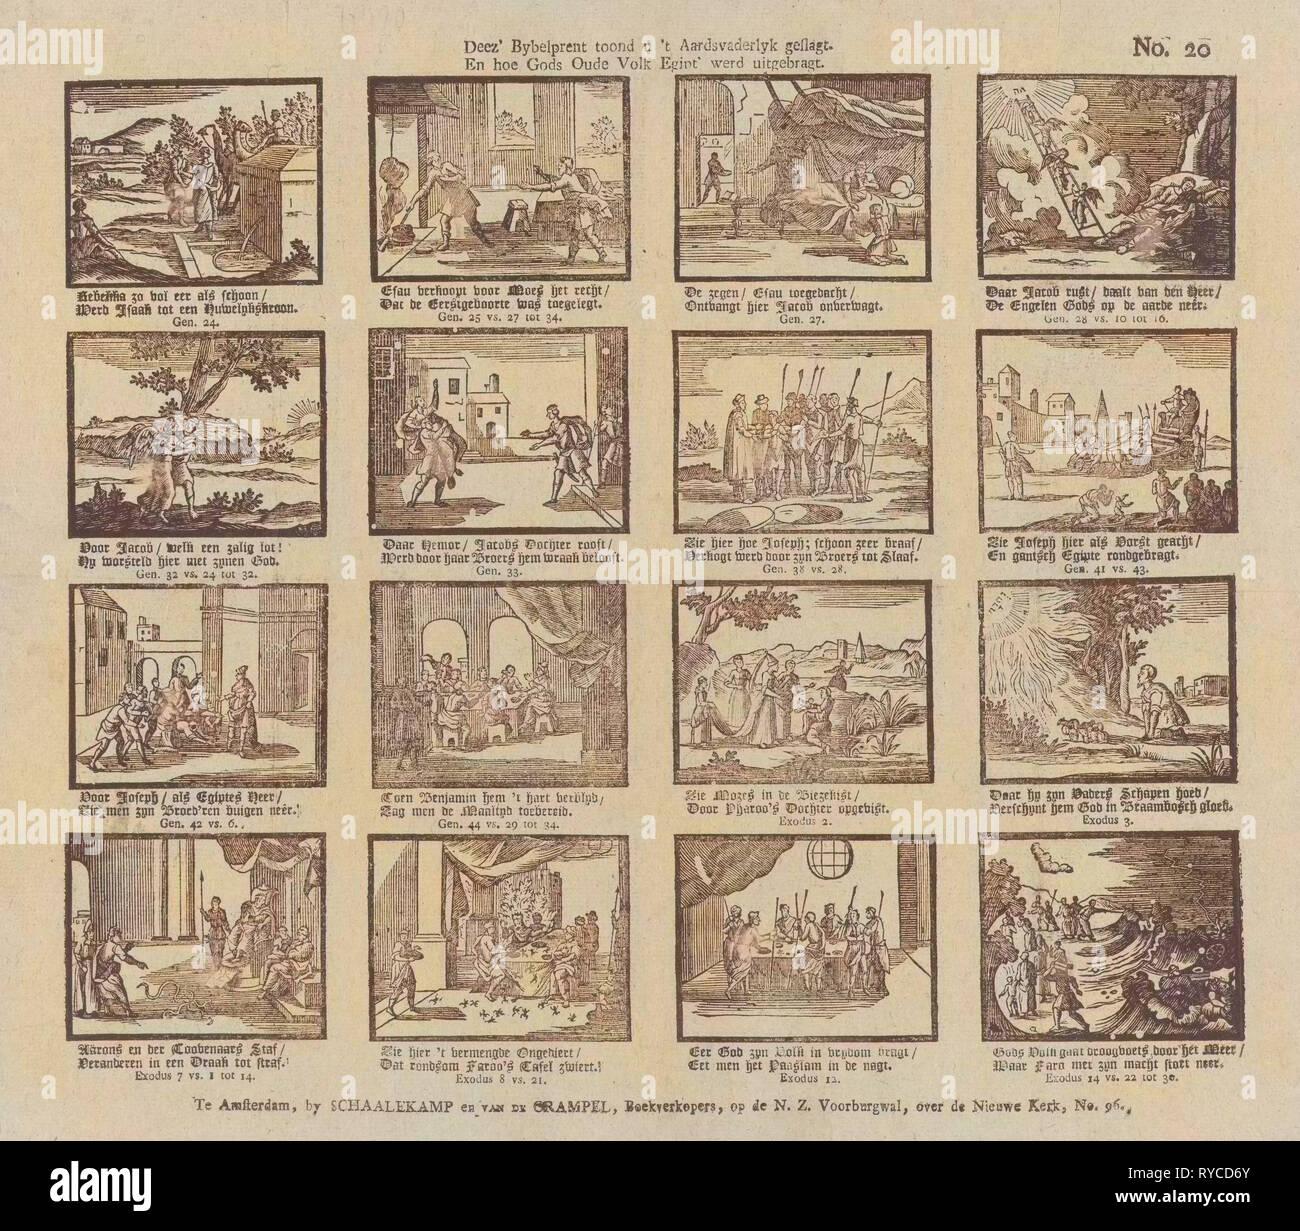 Biblical print. 'Deez' bybelprent toond u 't aardsvaderlyk geslagt / En hoe Gods oude volk Egijpt' werd uitgebragt', Schalekamp & Van de Grampel, Jacobus Wendel, Anonymous, 1795 - 1819 - Stock Image